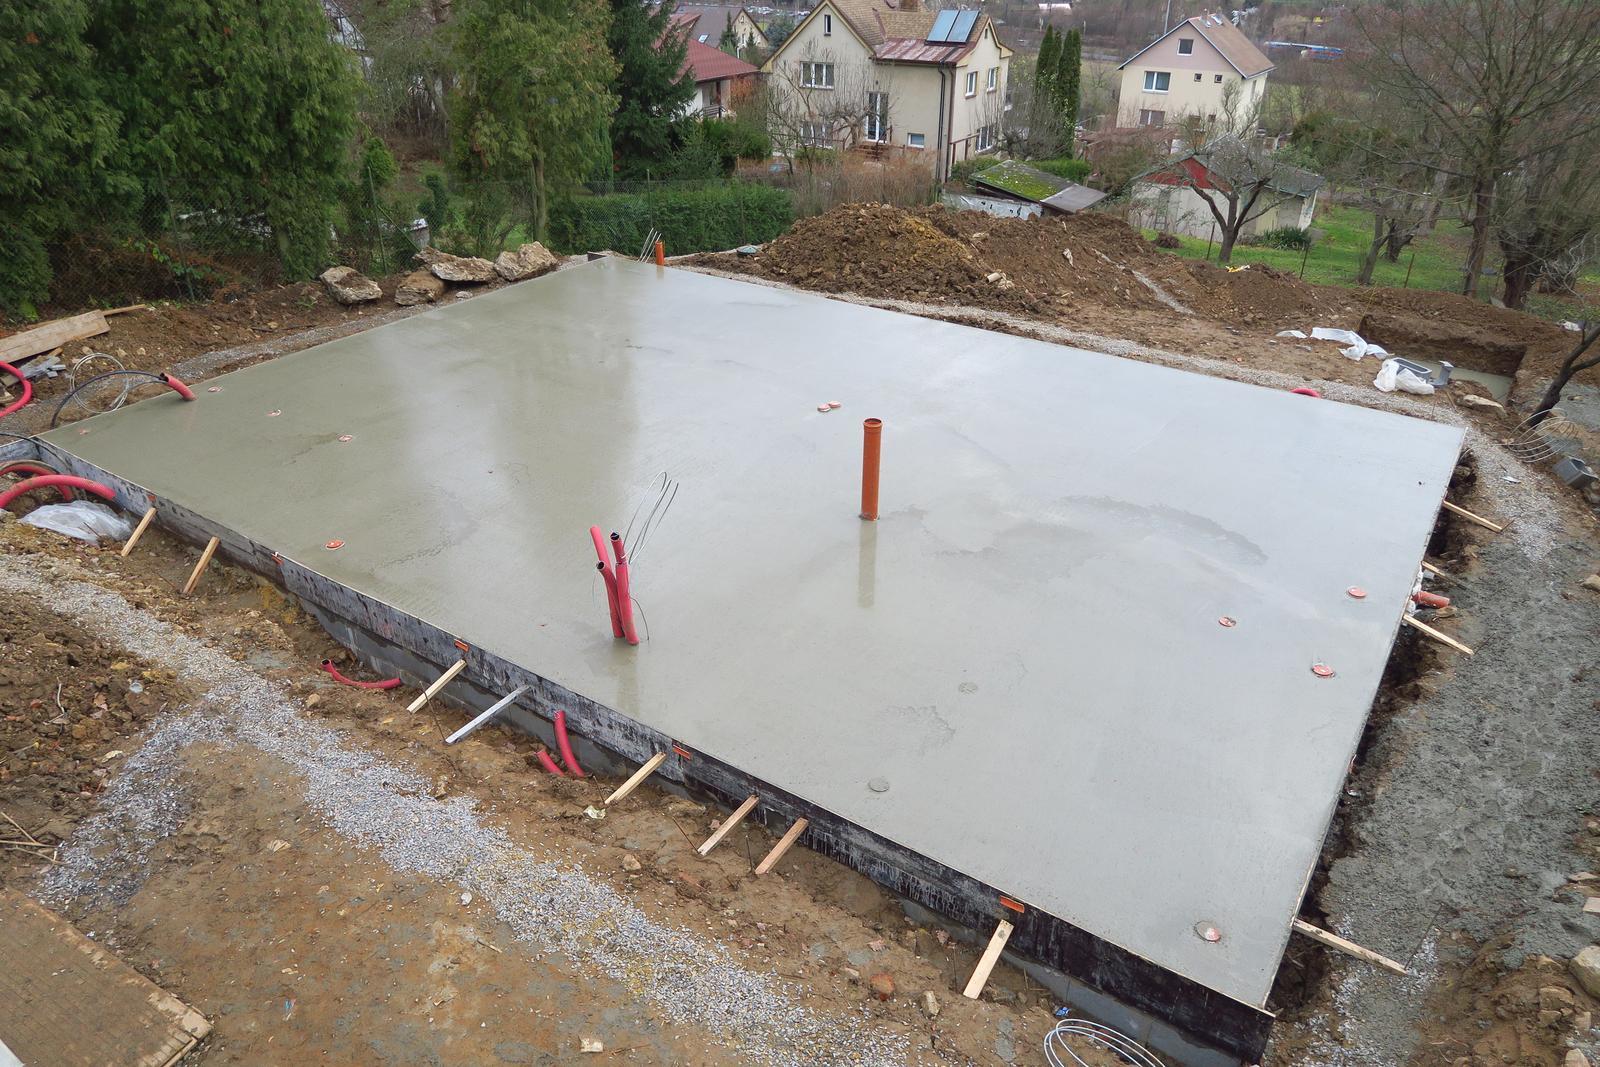 Stavba našeho bungalovu ve svahu - Bylo to napínavé, ale stihli jsme to do termínu předání i do zimy :-)